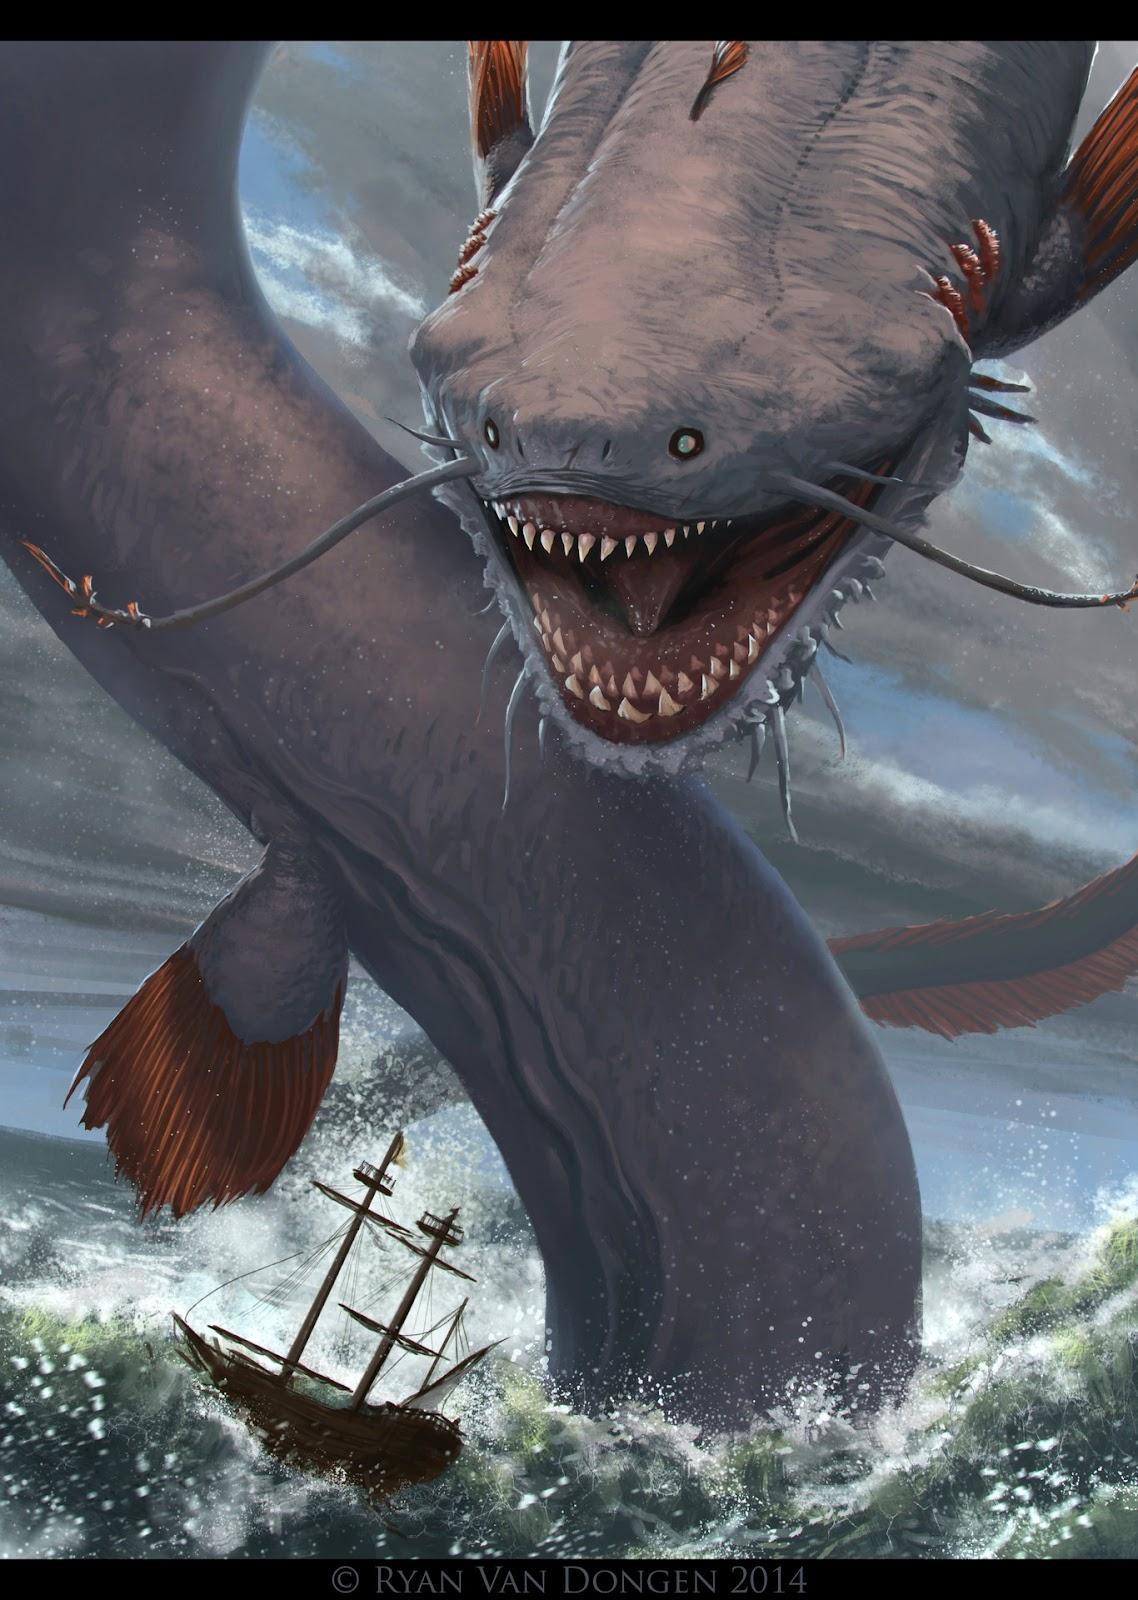 ryan-van-dongen-sea-monster-jhfinsl222223n.jpg